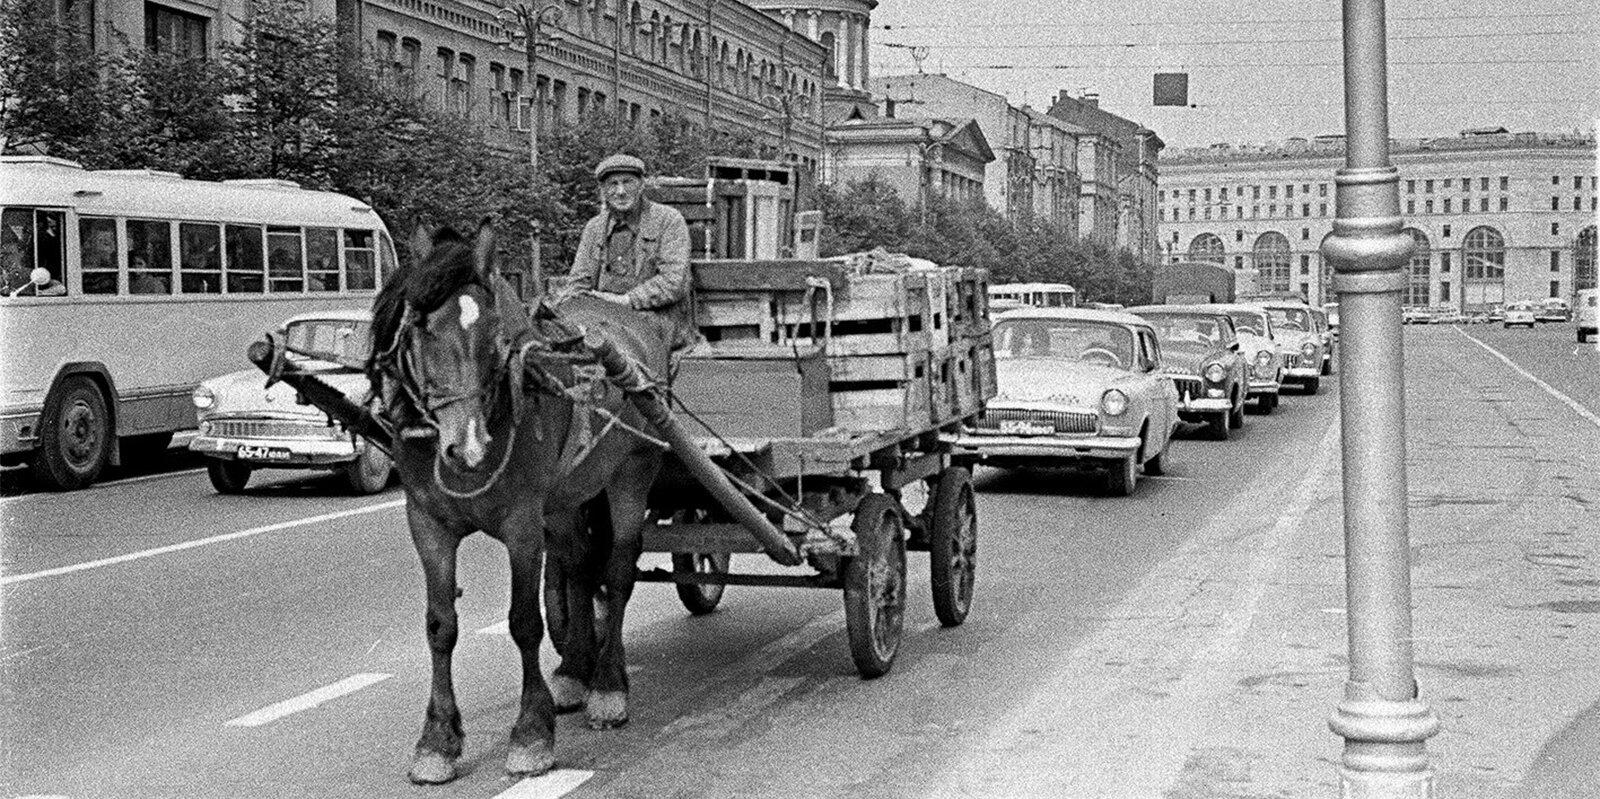 Последний конный транспорт на Новой площади. Фото Г. Корабельникова. 1979 год. Главархив Москвы